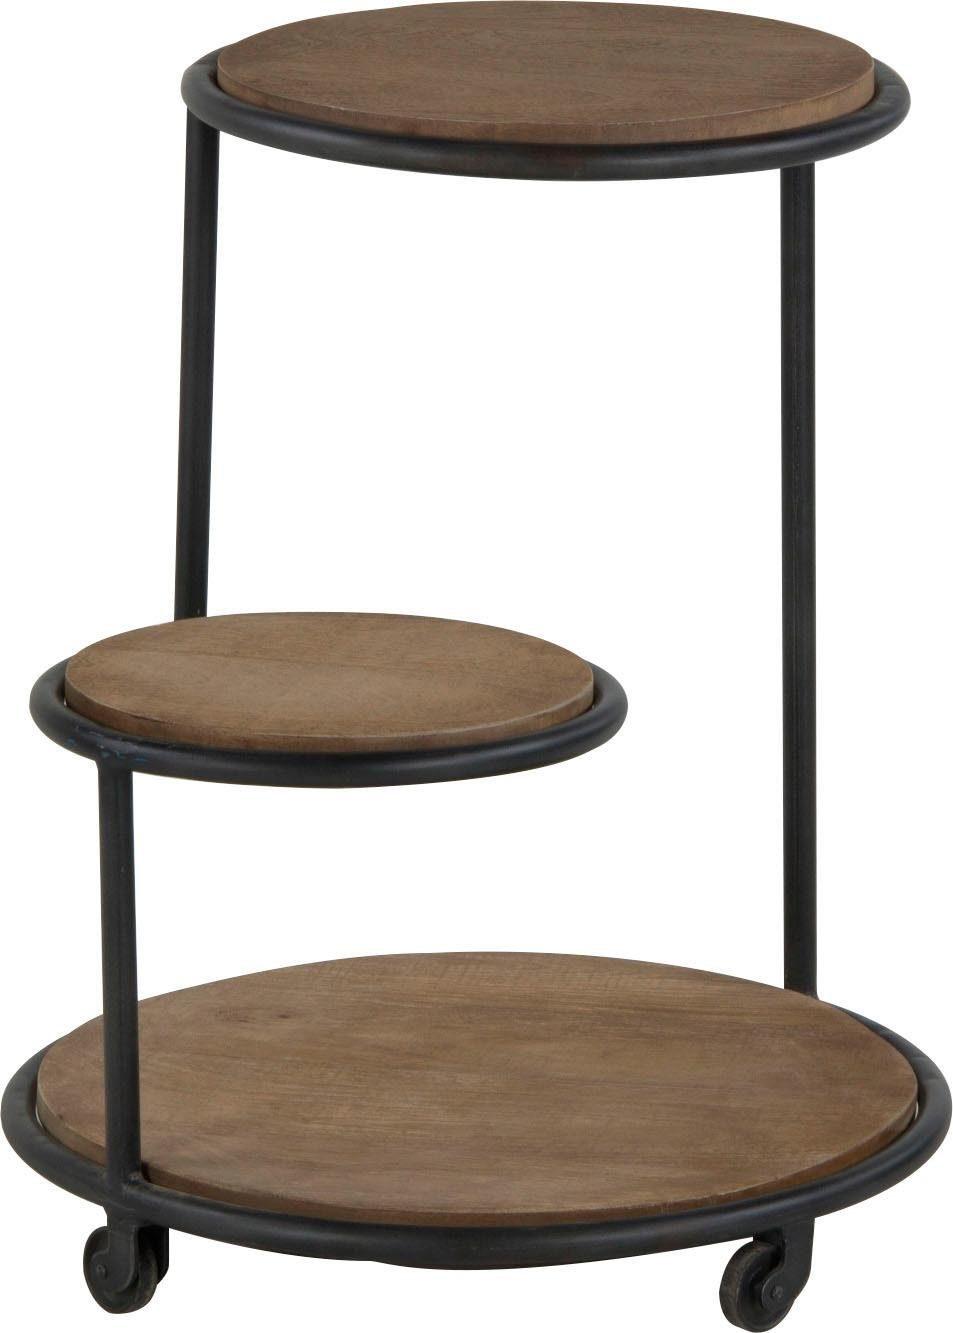 Home affaire Beistelltisch »Zabel« aus massivem Mangoholz mit Metallgestell und Rollen, Breite 50 cm